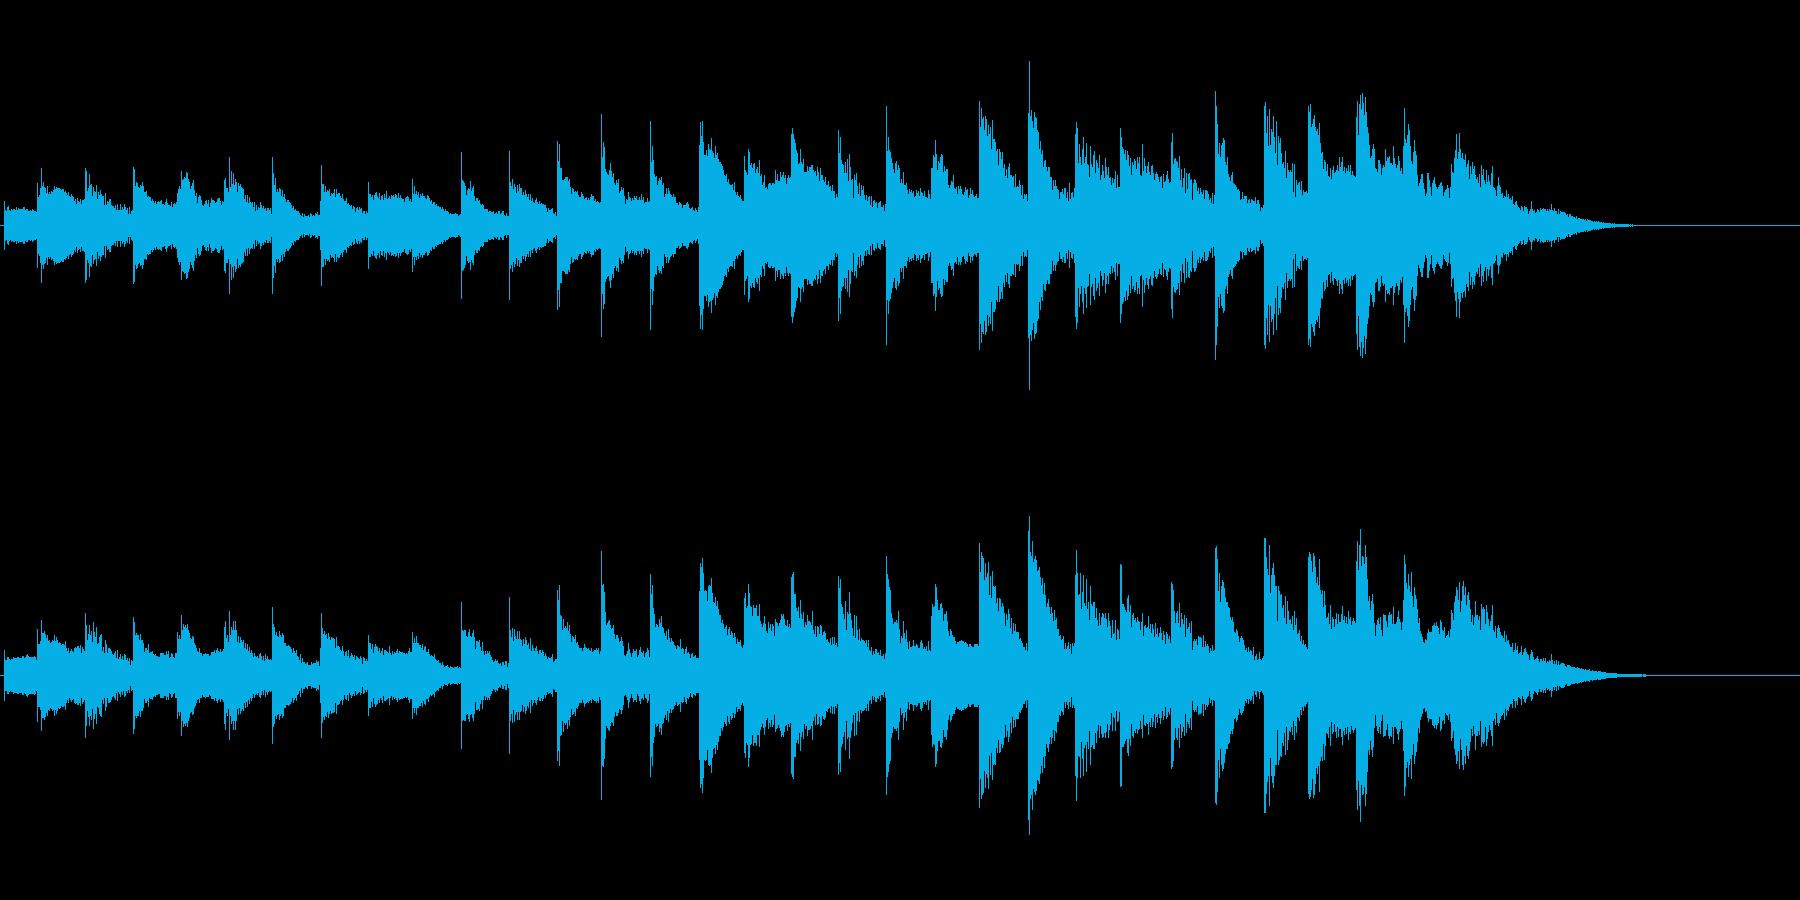 やさしい通知・案内音(高音)の再生済みの波形